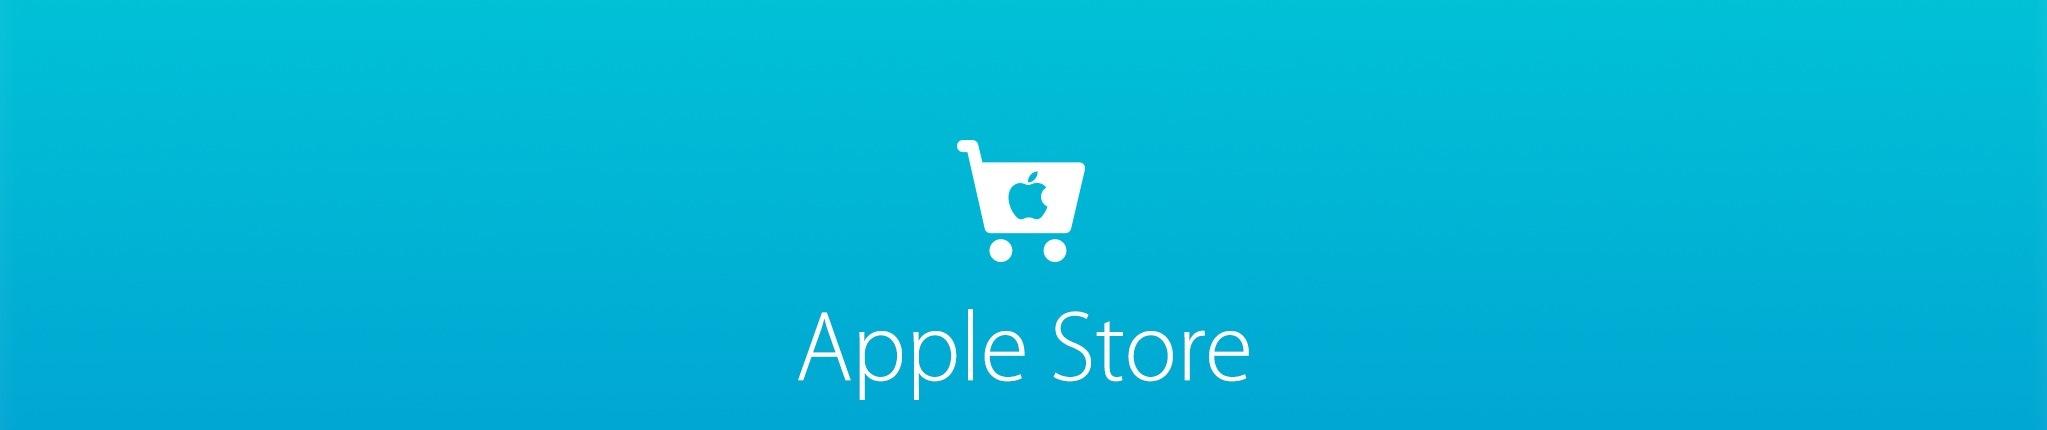 Apple планирует запустить iBeacon в 254 американских магазинах